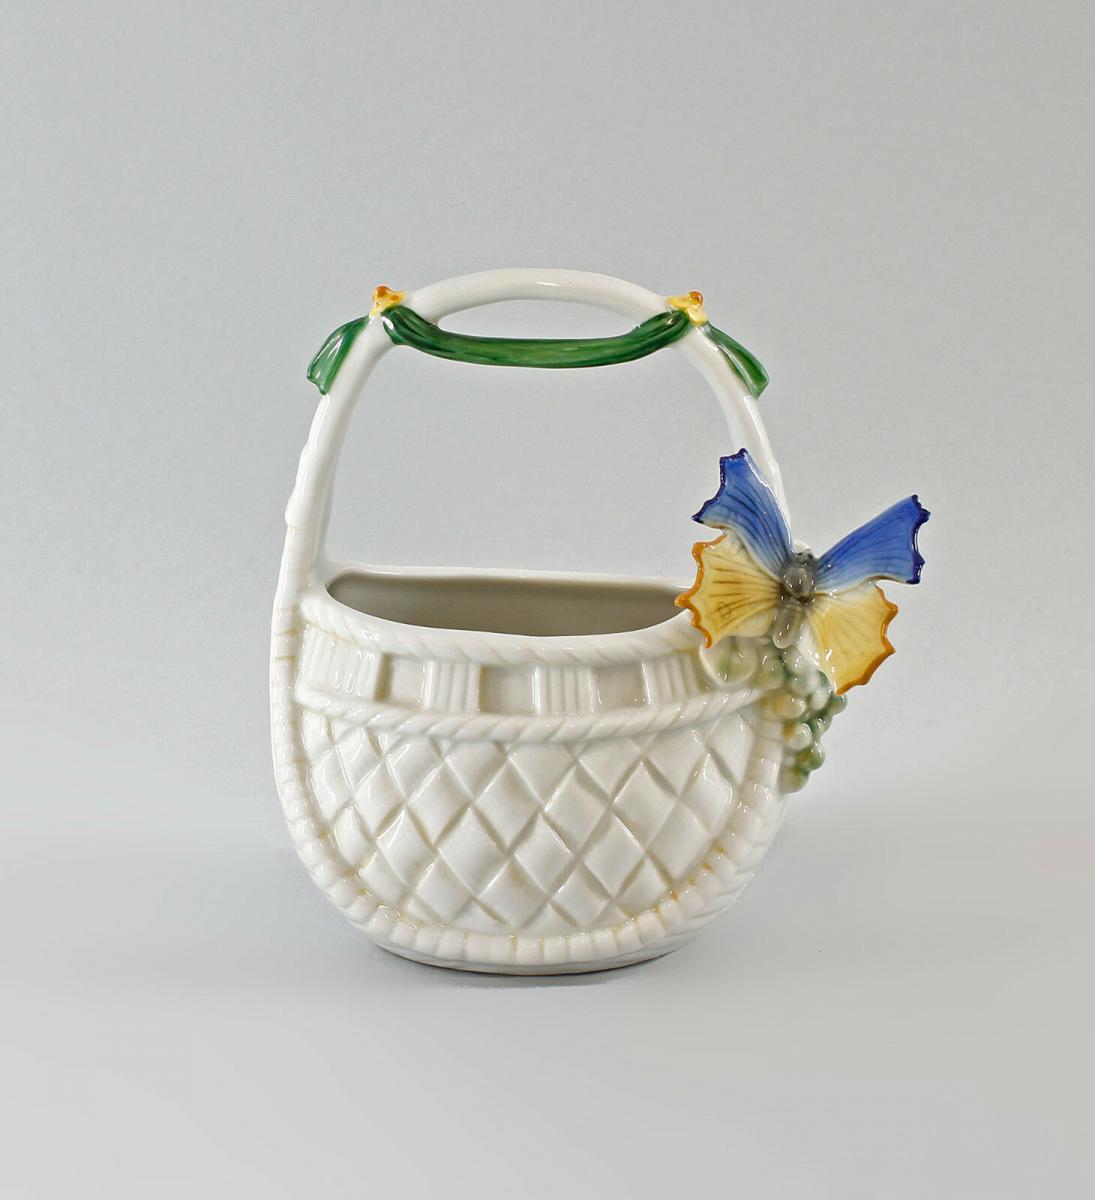 9997304 Porzellan-Korb Schale mit Schmetterling blau Ens H14cm 0